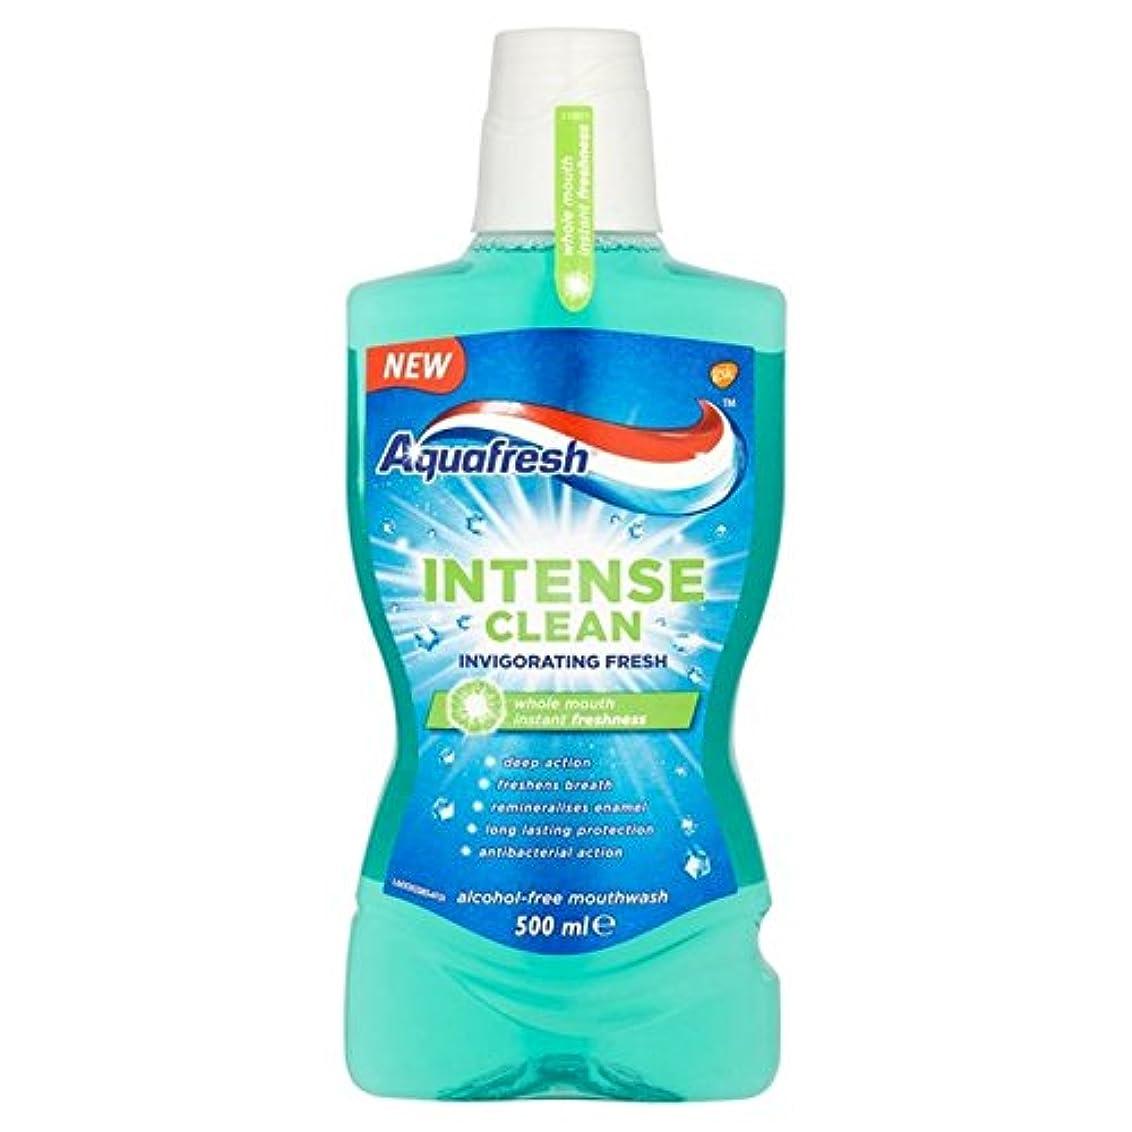 アクアフレッシュ強烈なきれいな爽快ウォッシュ500ミリリットル x4 - Aquafresh Intense Clean Invigorating Wash 500ml (Pack of 4) [並行輸入品]